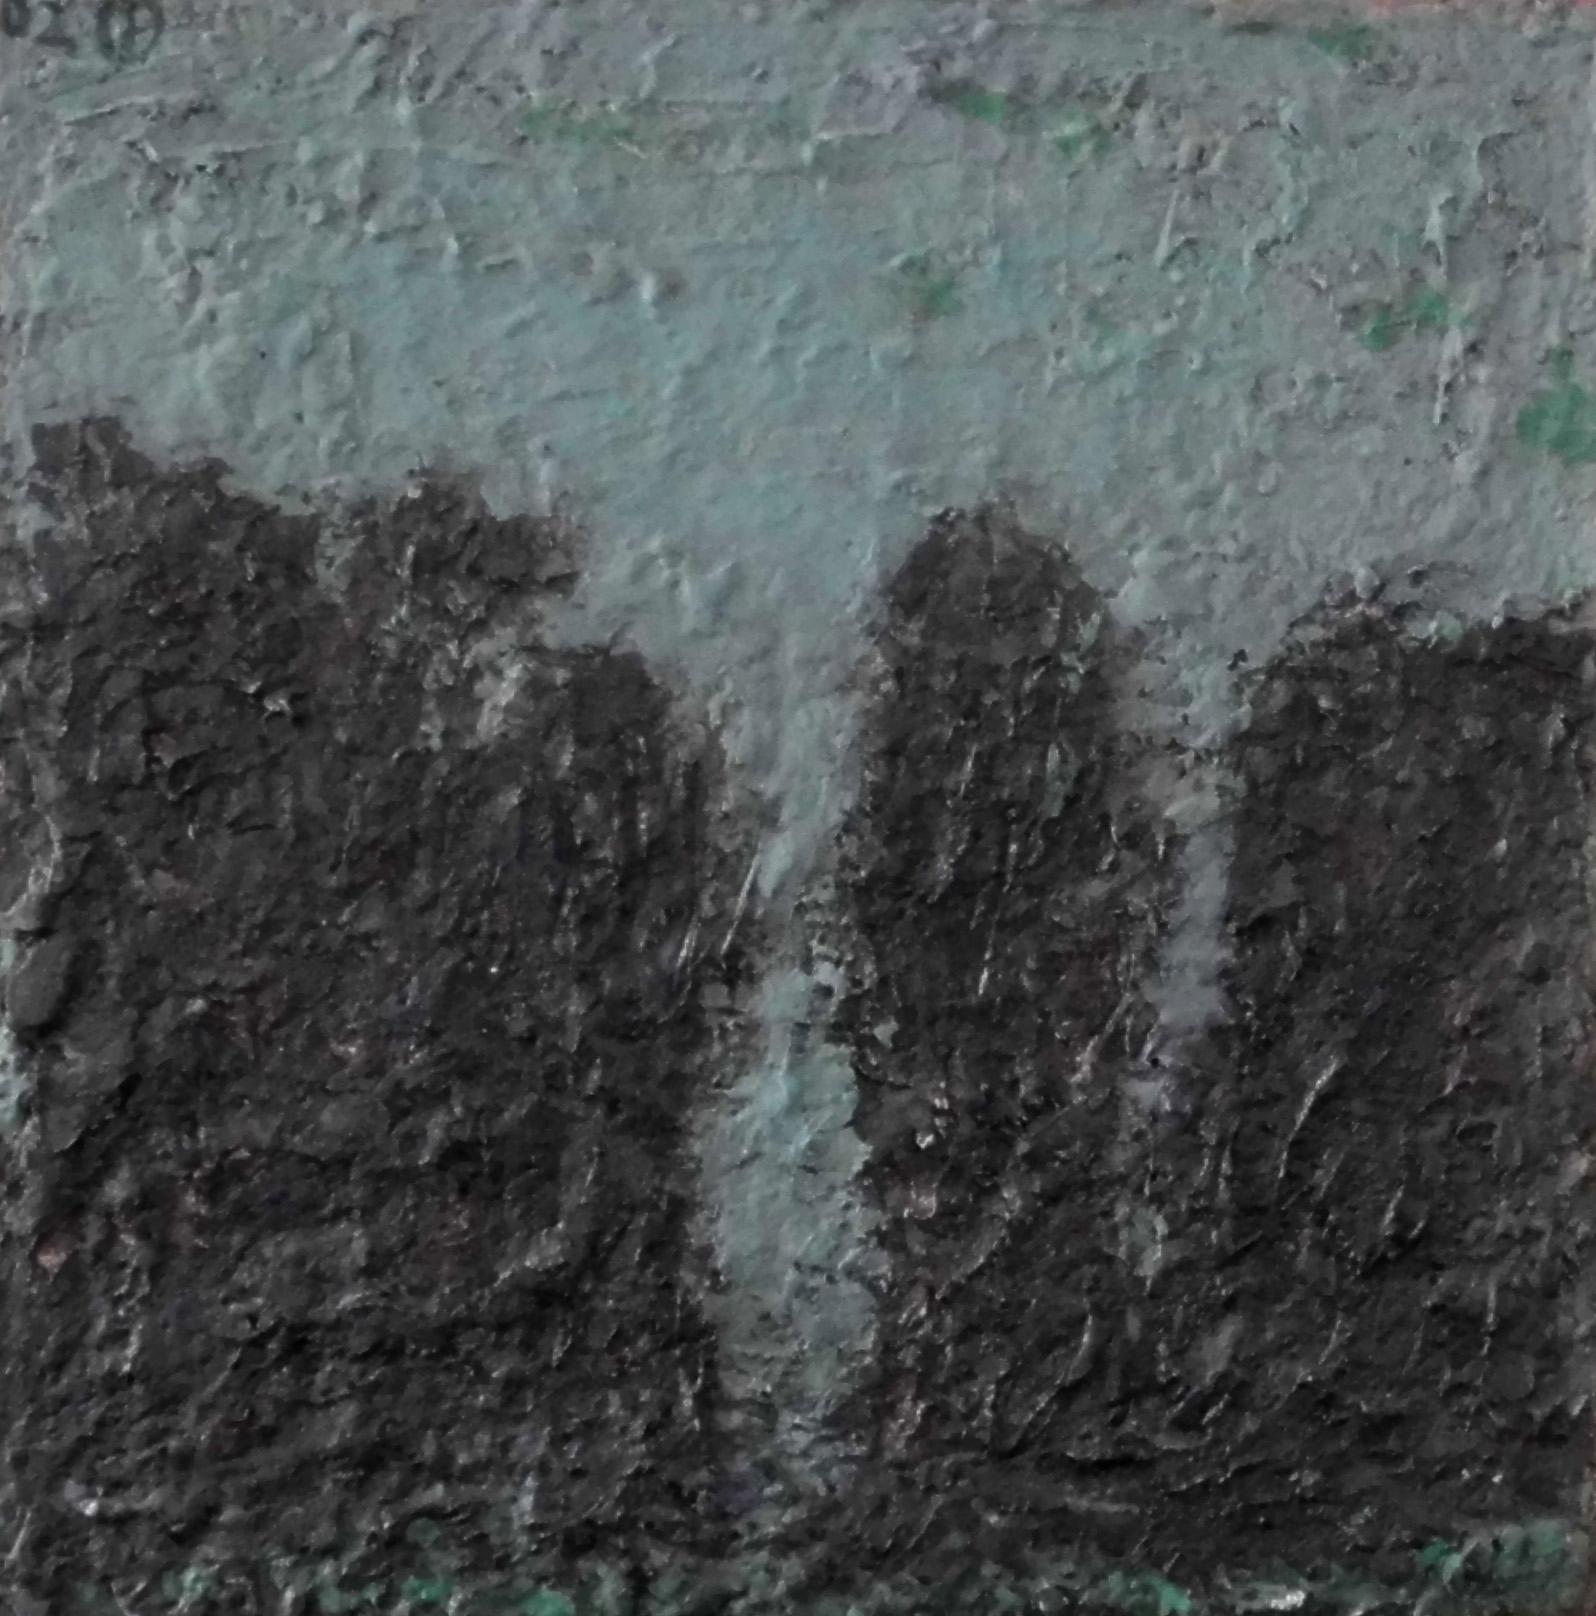 03-dieter_beirich-bauernbusch-2002-oel_auf_leinwand-51x50